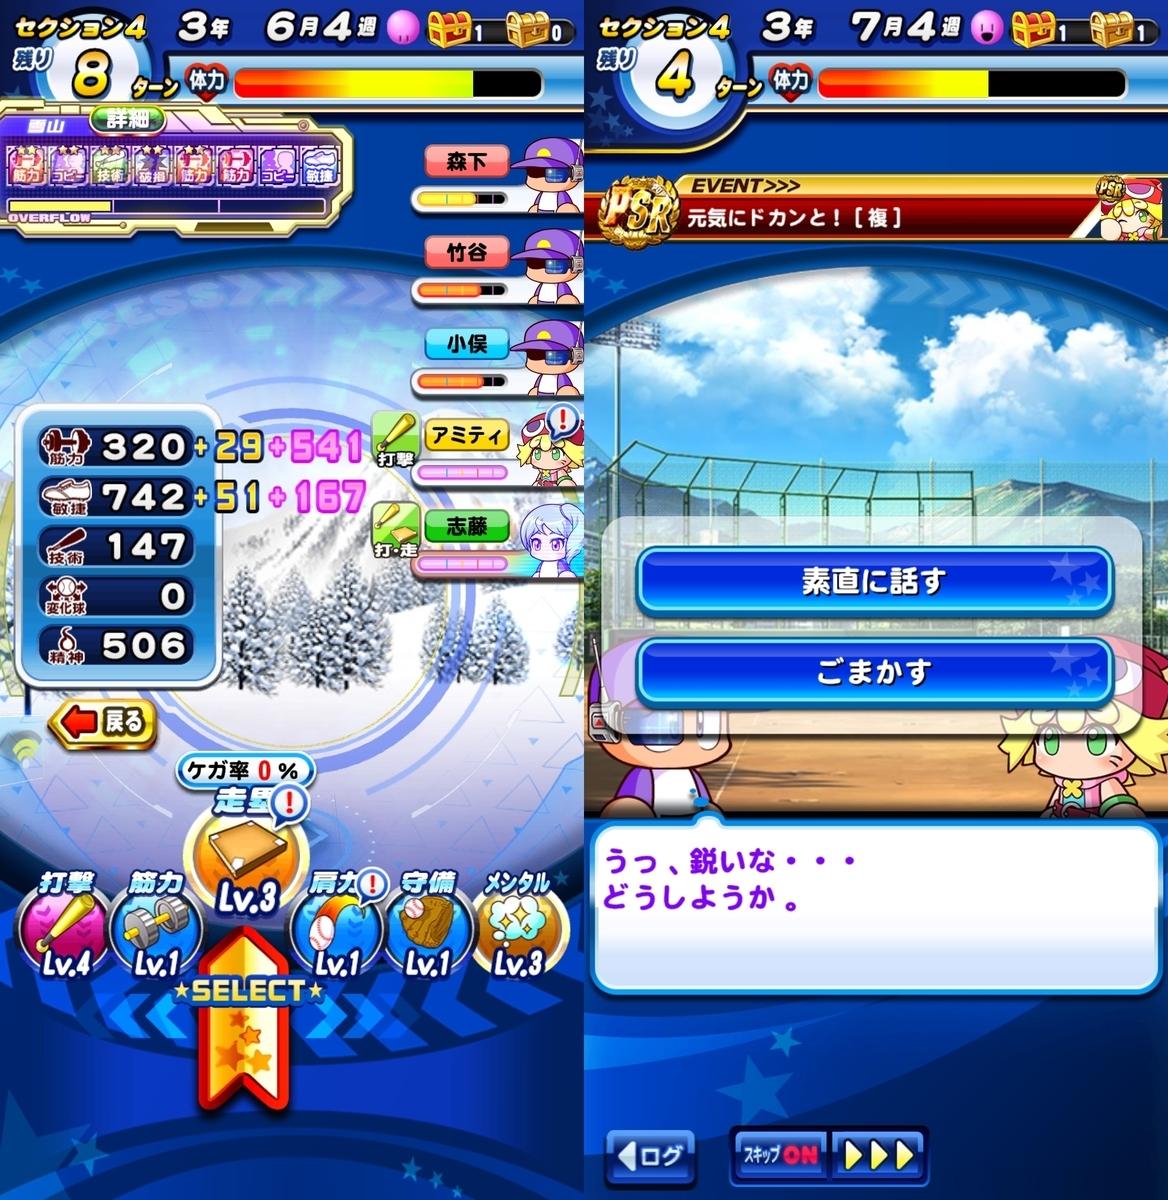 f:id:arimurasaji:20200629220153j:plain